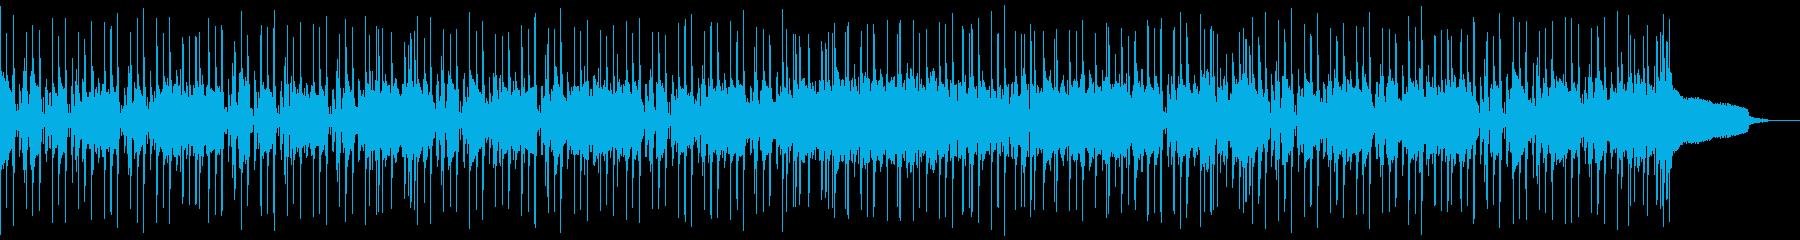 生演奏アコギで可愛いコミカルリコーダーの再生済みの波形